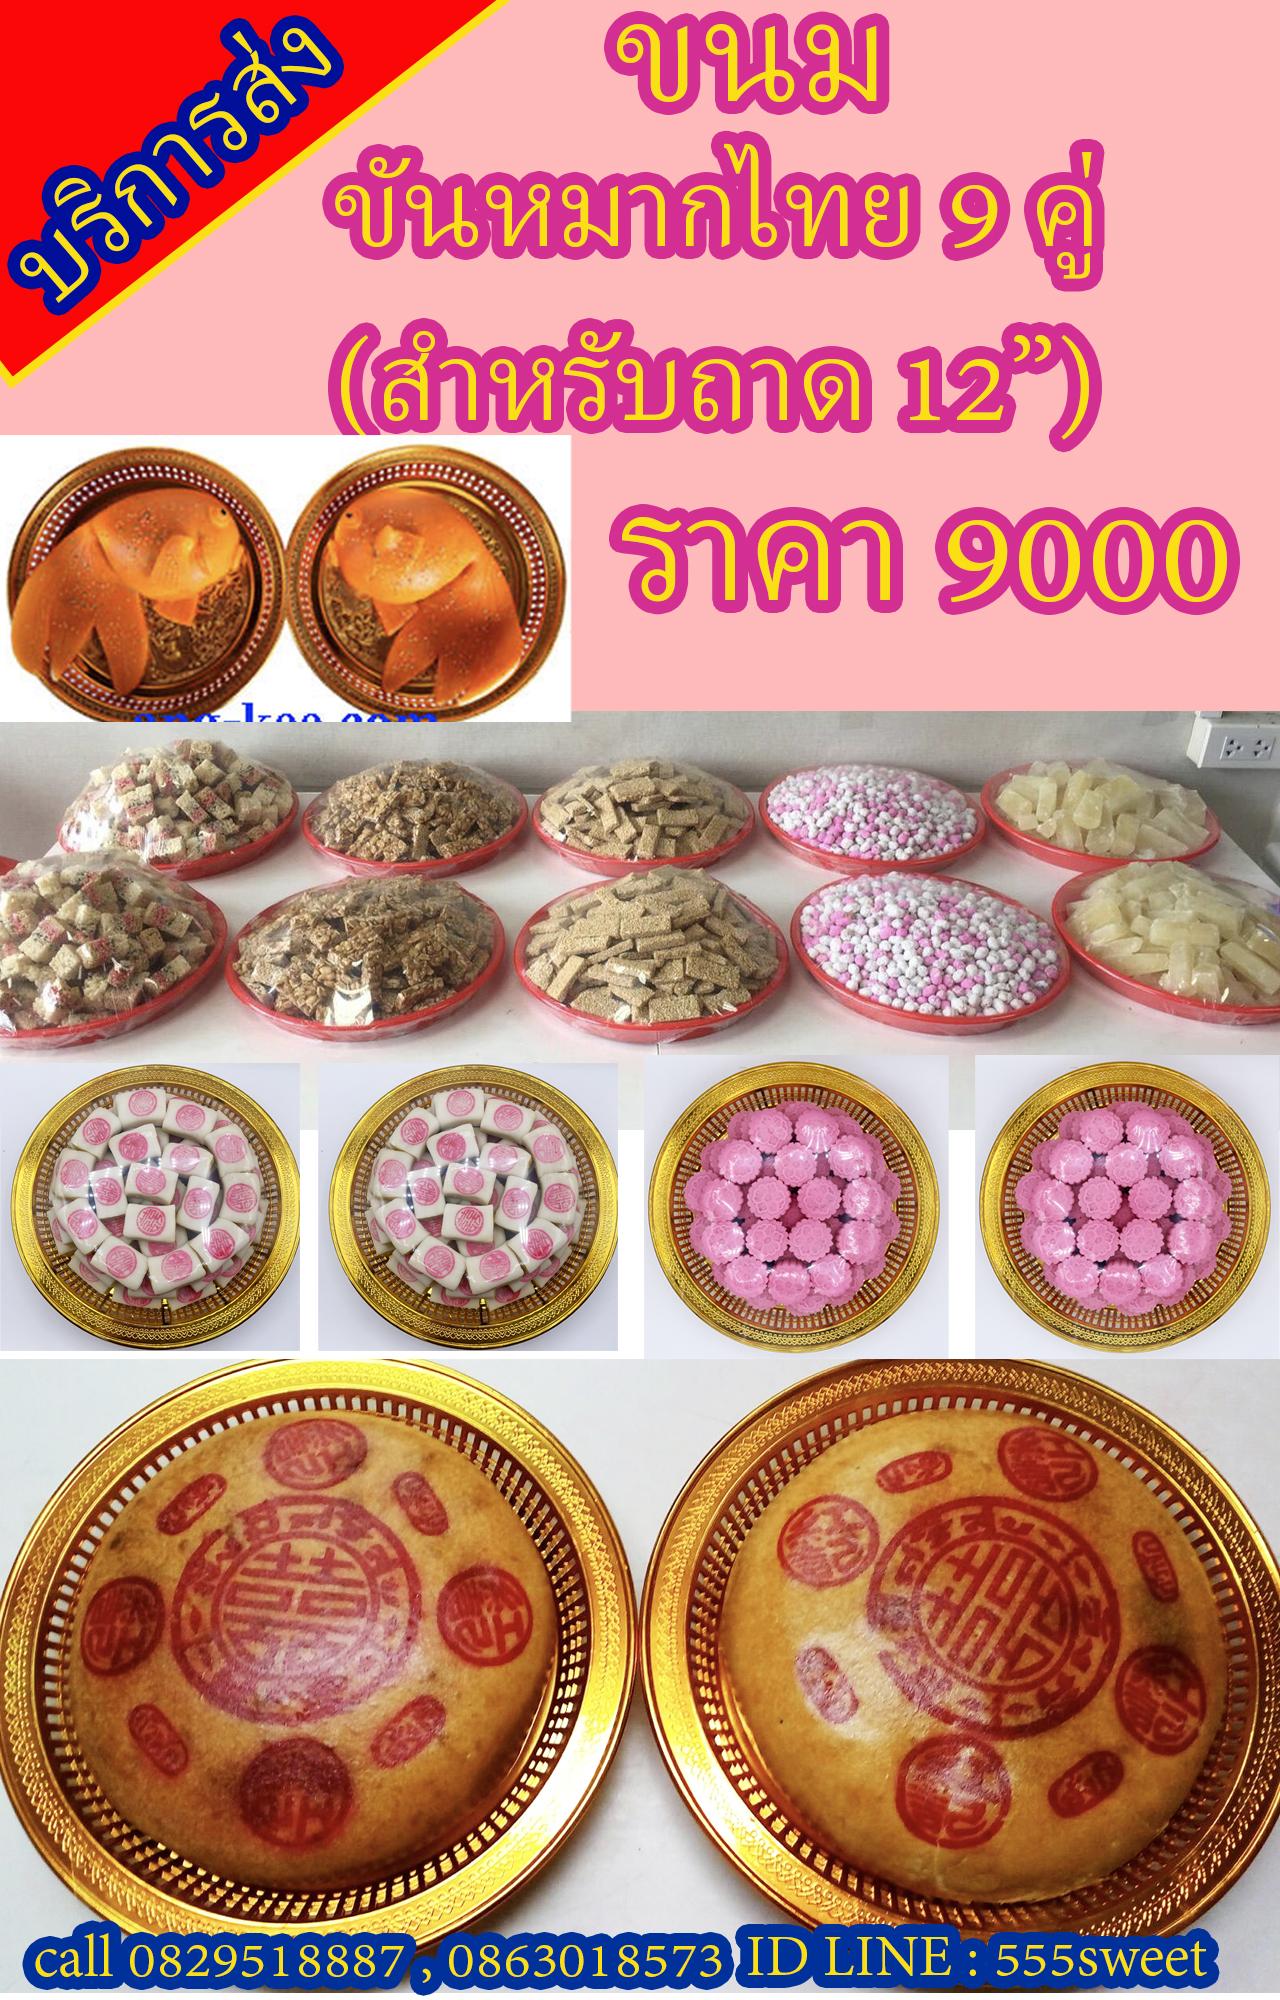 ขนมขันหมากไทย สำหรับงานแต่งงาน